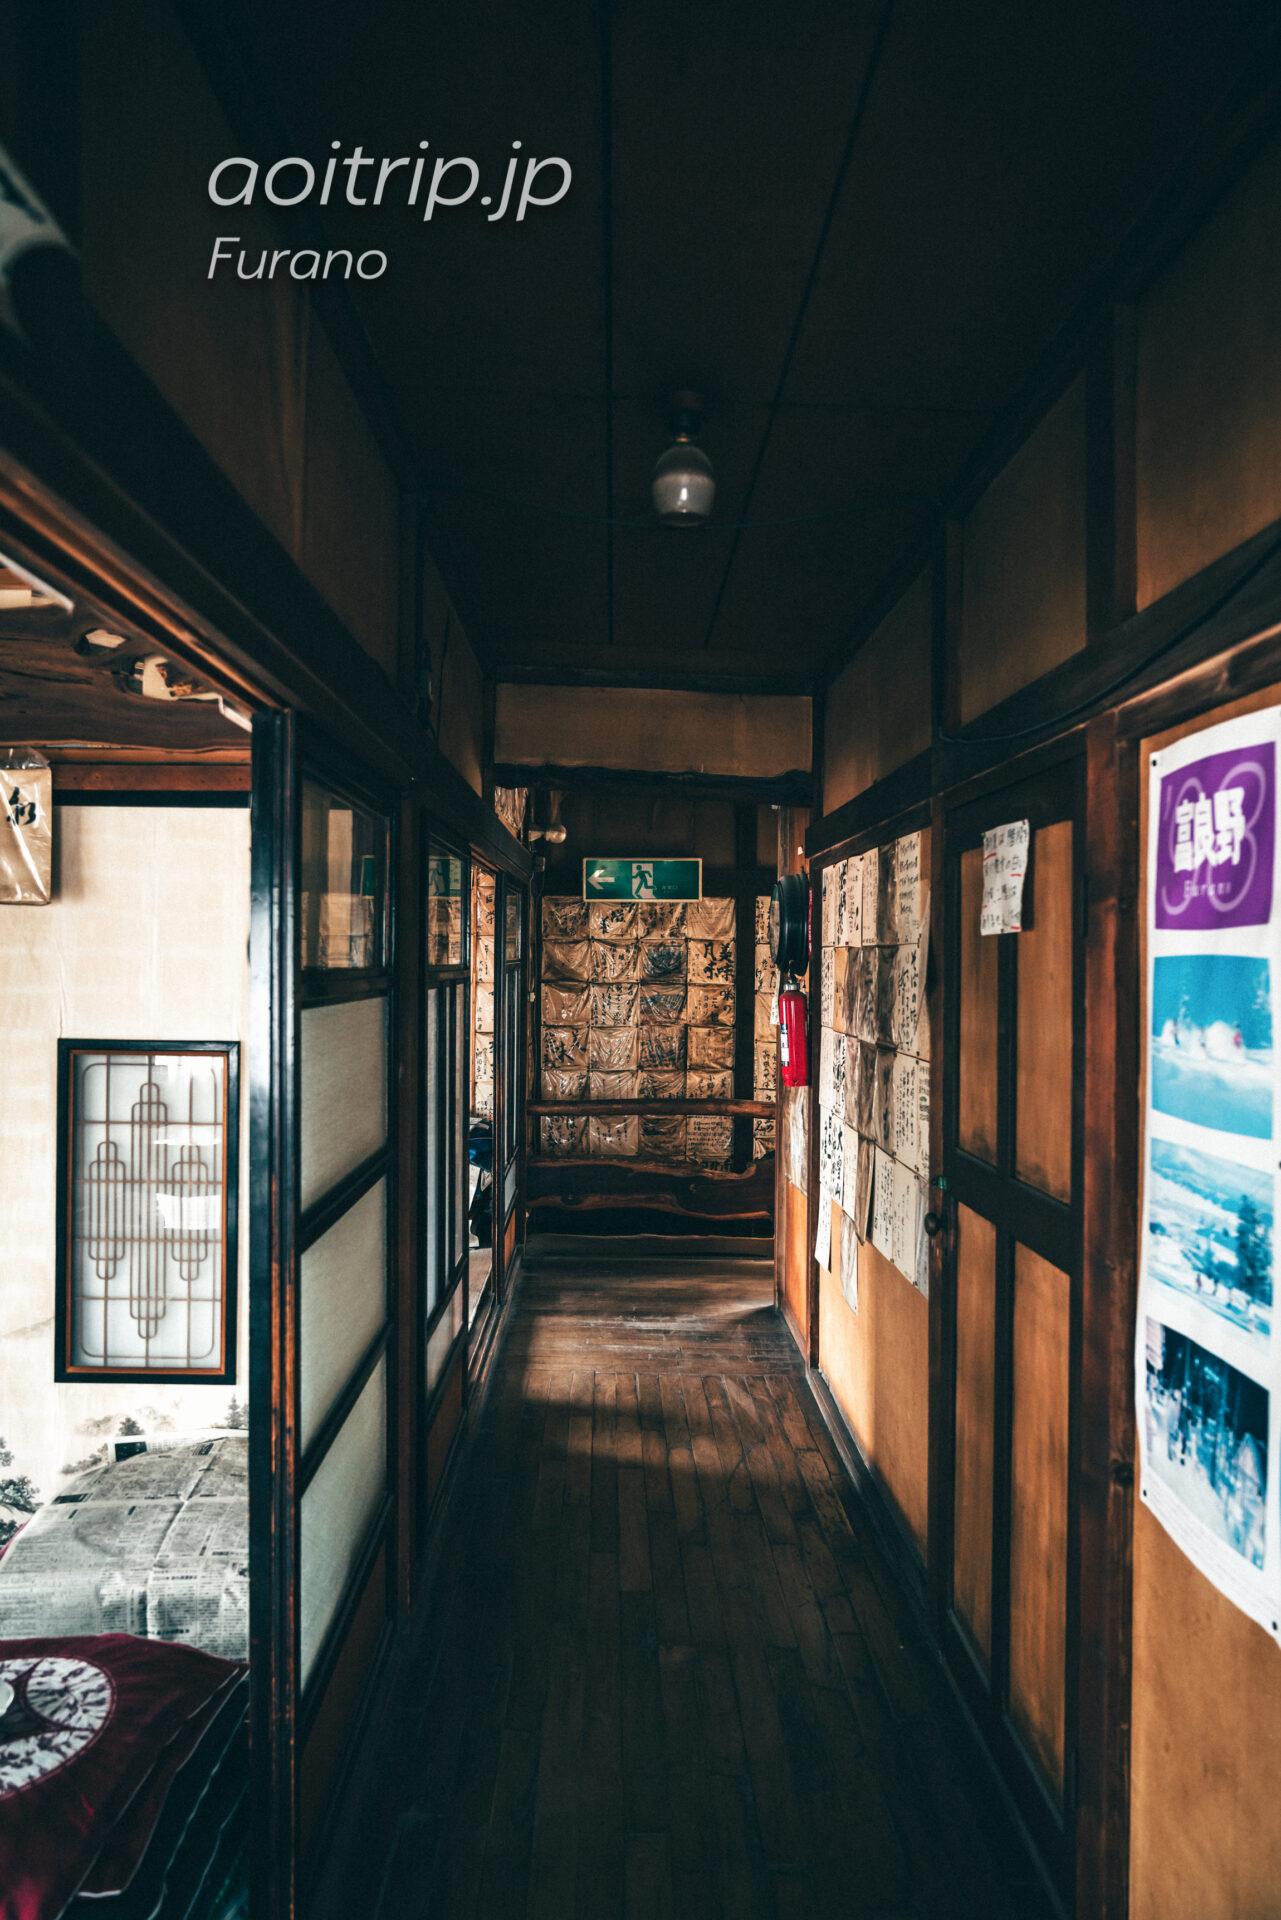 麓郷 小野田そばの2F 『北の国から '83』冬